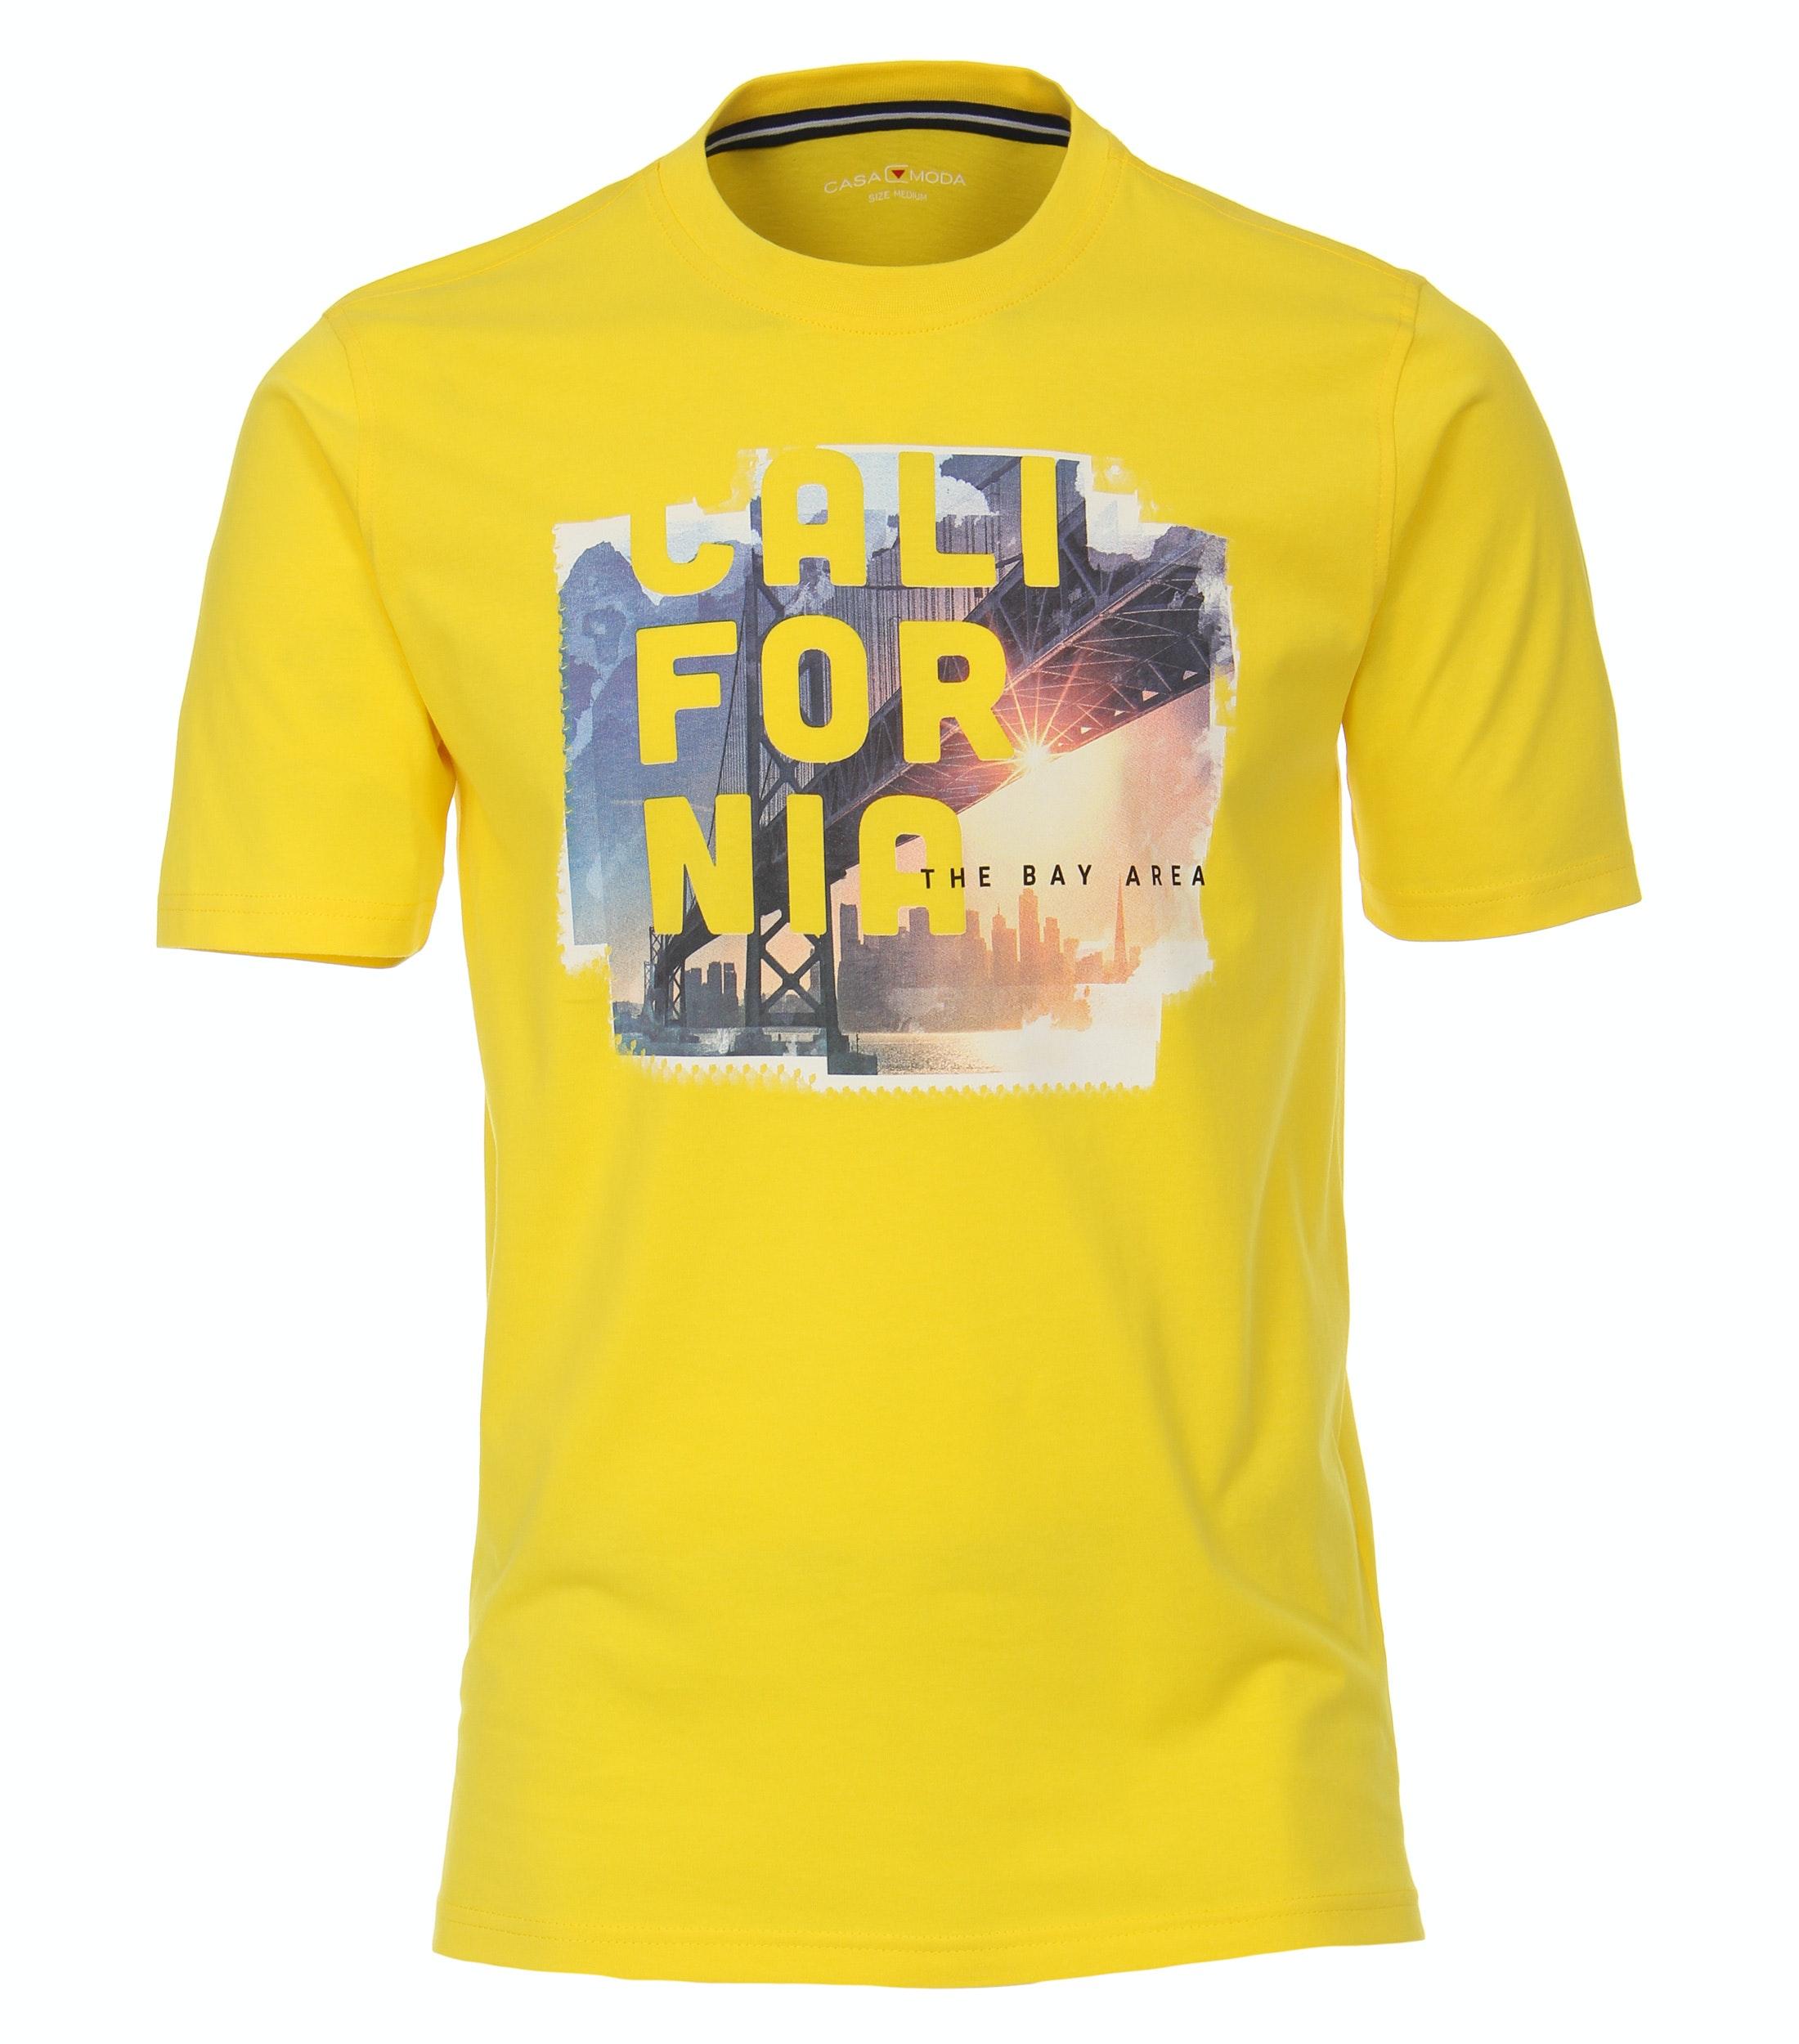 T-shirt van merk CASA MODA in de kleur geel, gemaakt van 100% katoen. Dit T-shirt is gemaakt van puur katoen en is zeer comfortabel om te dragen. Het sportieve design met trendy print past perfect bij elke sportieve look en kan op vele manieren worden gecombineerd. Of het nu gaat om jeans, chino's of shorts, dit T-shirt kan veelzijdig gedragen worden en is een absolute musthave voor iedere garderobe.